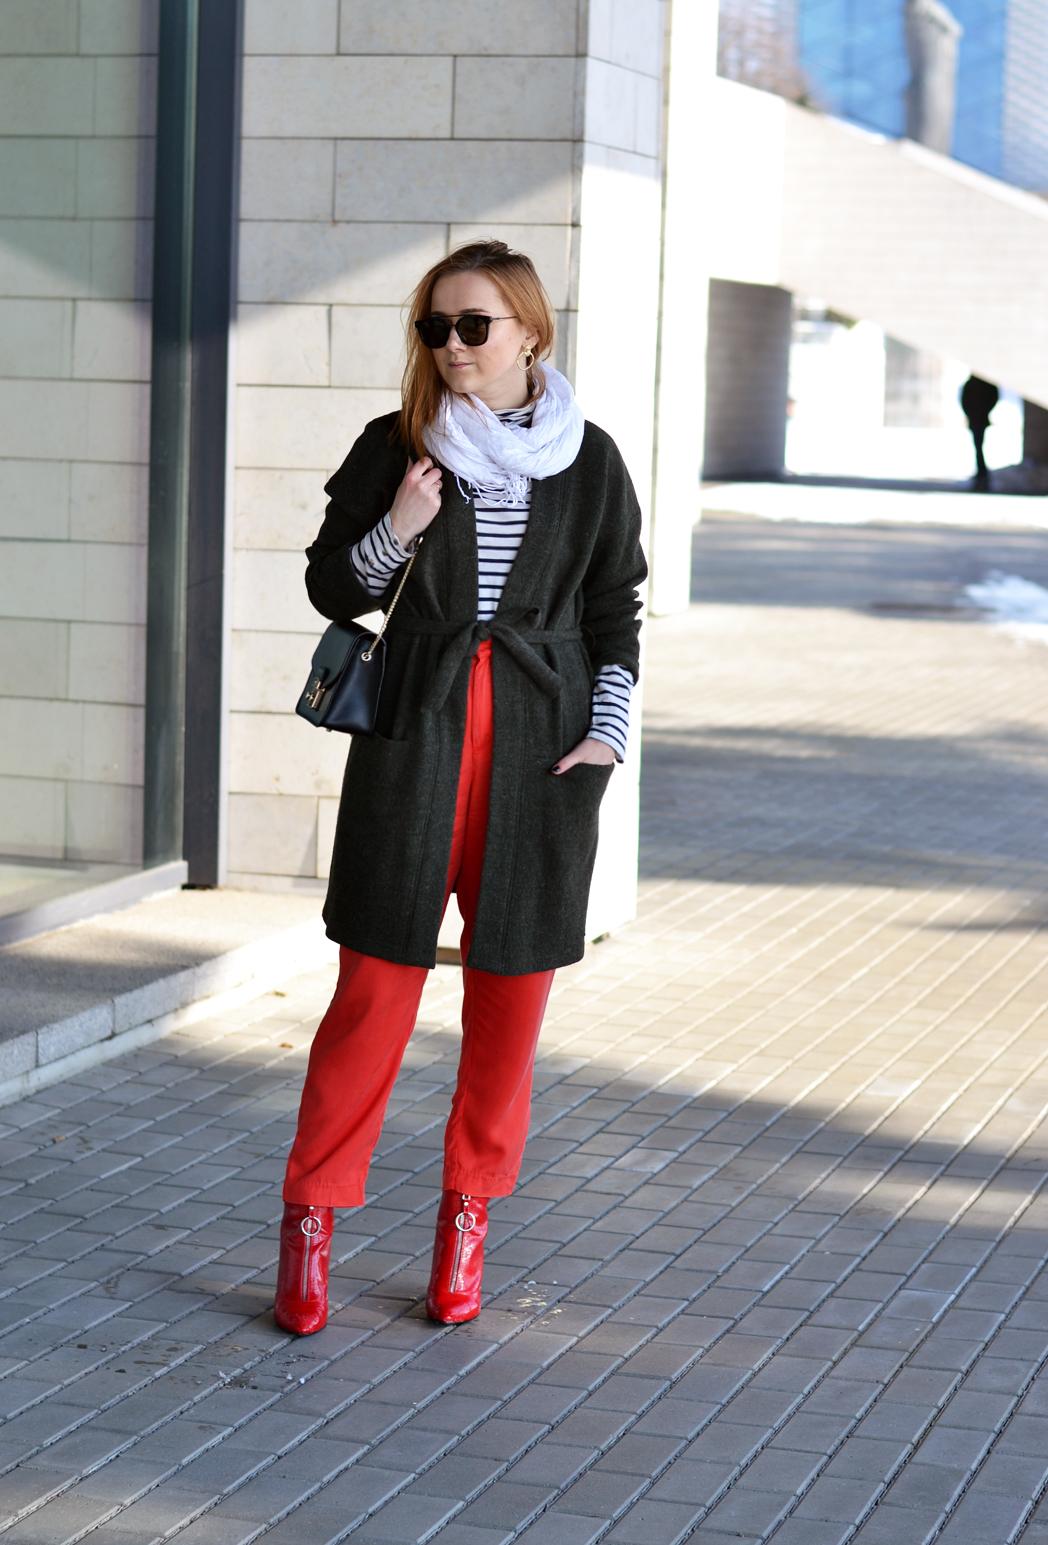 OOTD | Kaip dėvėti raudonas kelnes?